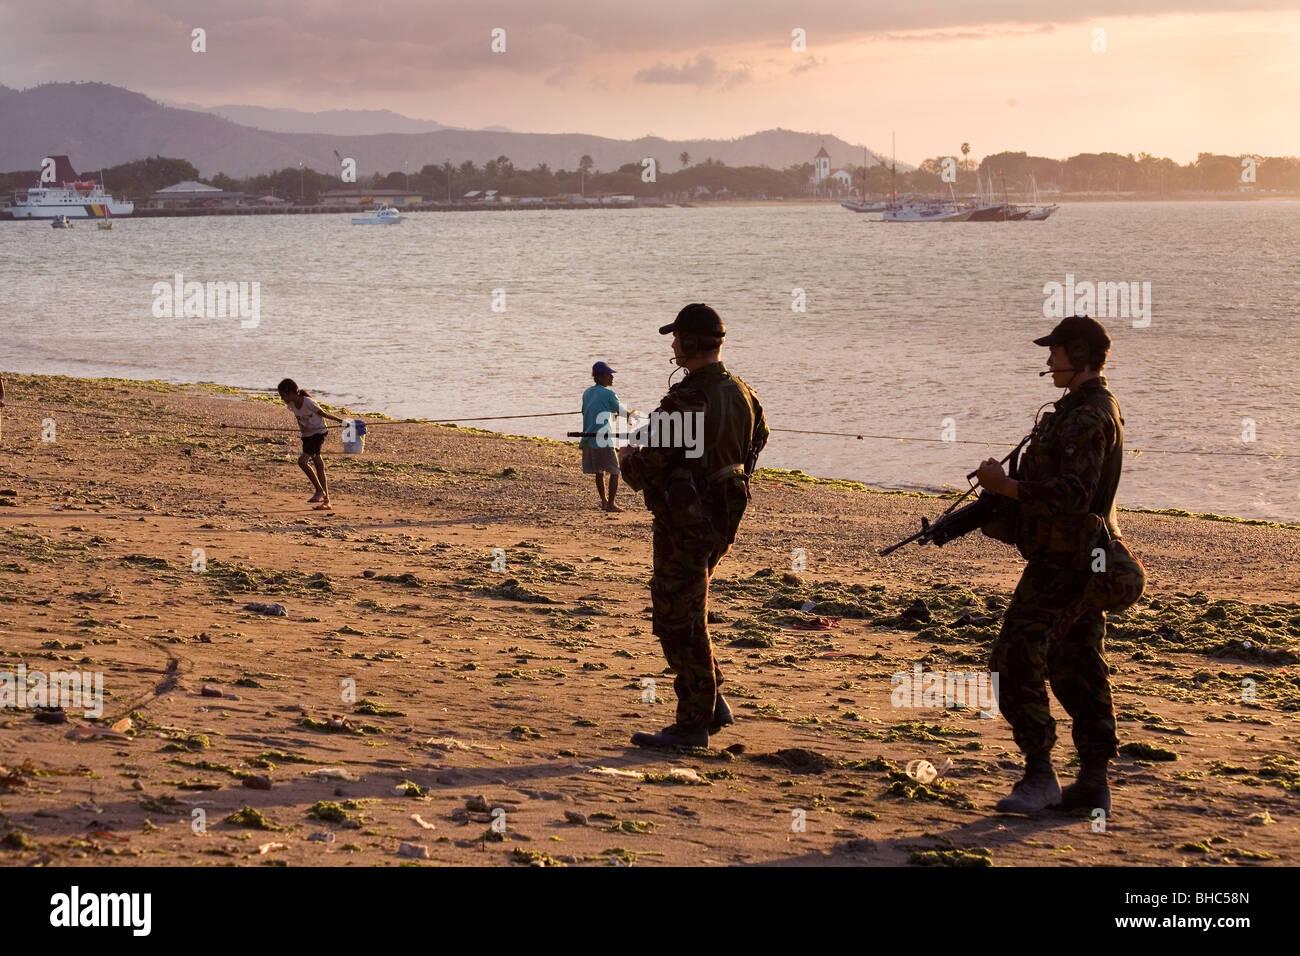 Onu soldados patrullan armadas Dili, Timor Oriental playa en el atardecer. Imagen De Stock